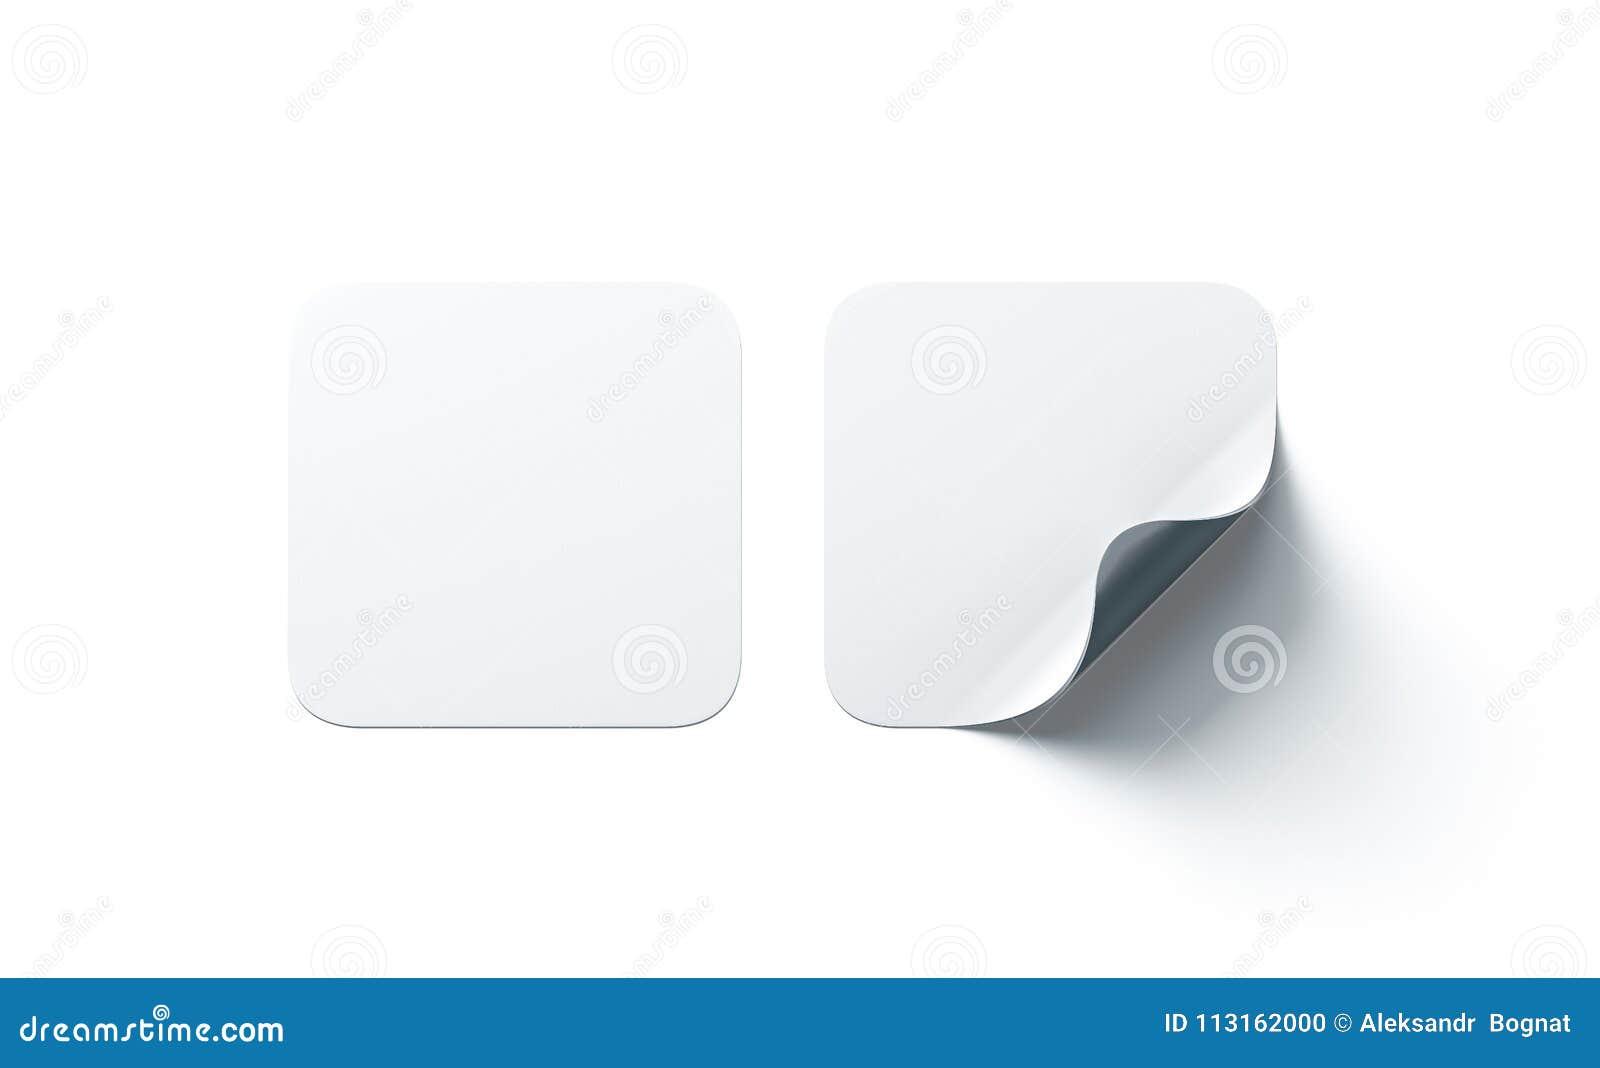 Leere klebende Aufkleber des weißen Quadrats verspotten oben mit gebogener Ecke